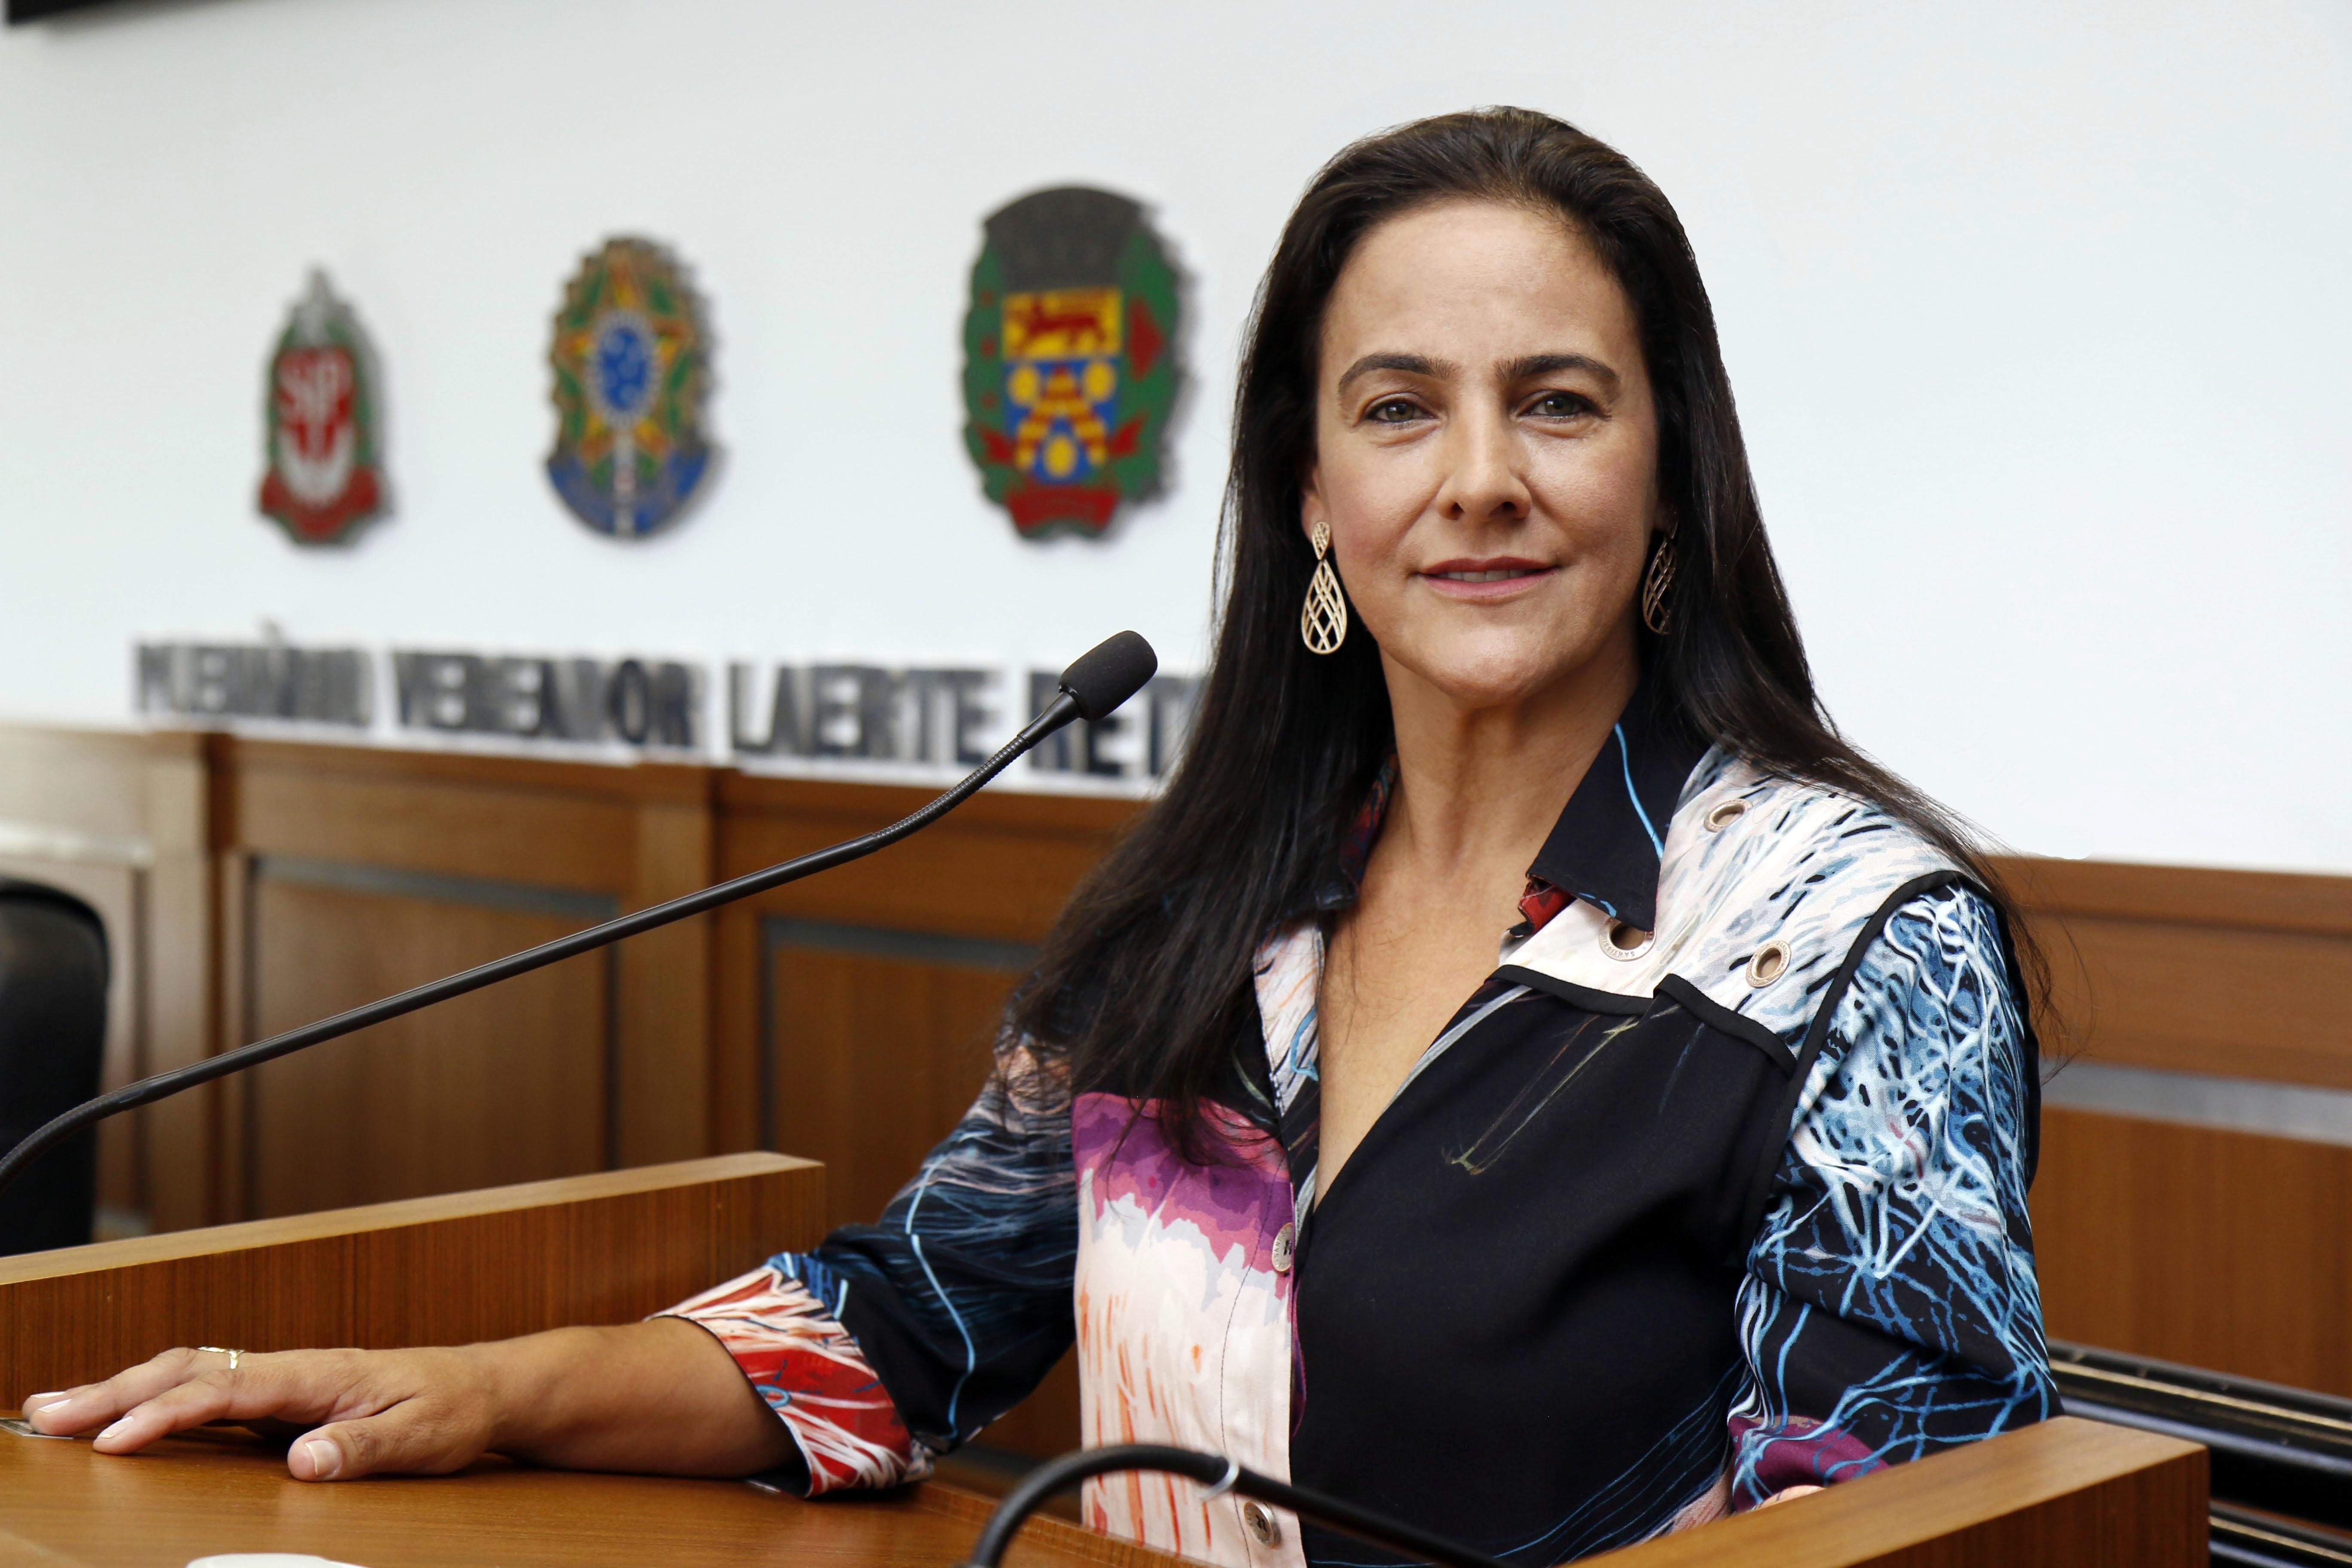 Tatiana Salles é a Primeira Mulher a Assumir a Presidência da Câmara nos Últimos 30 Anos